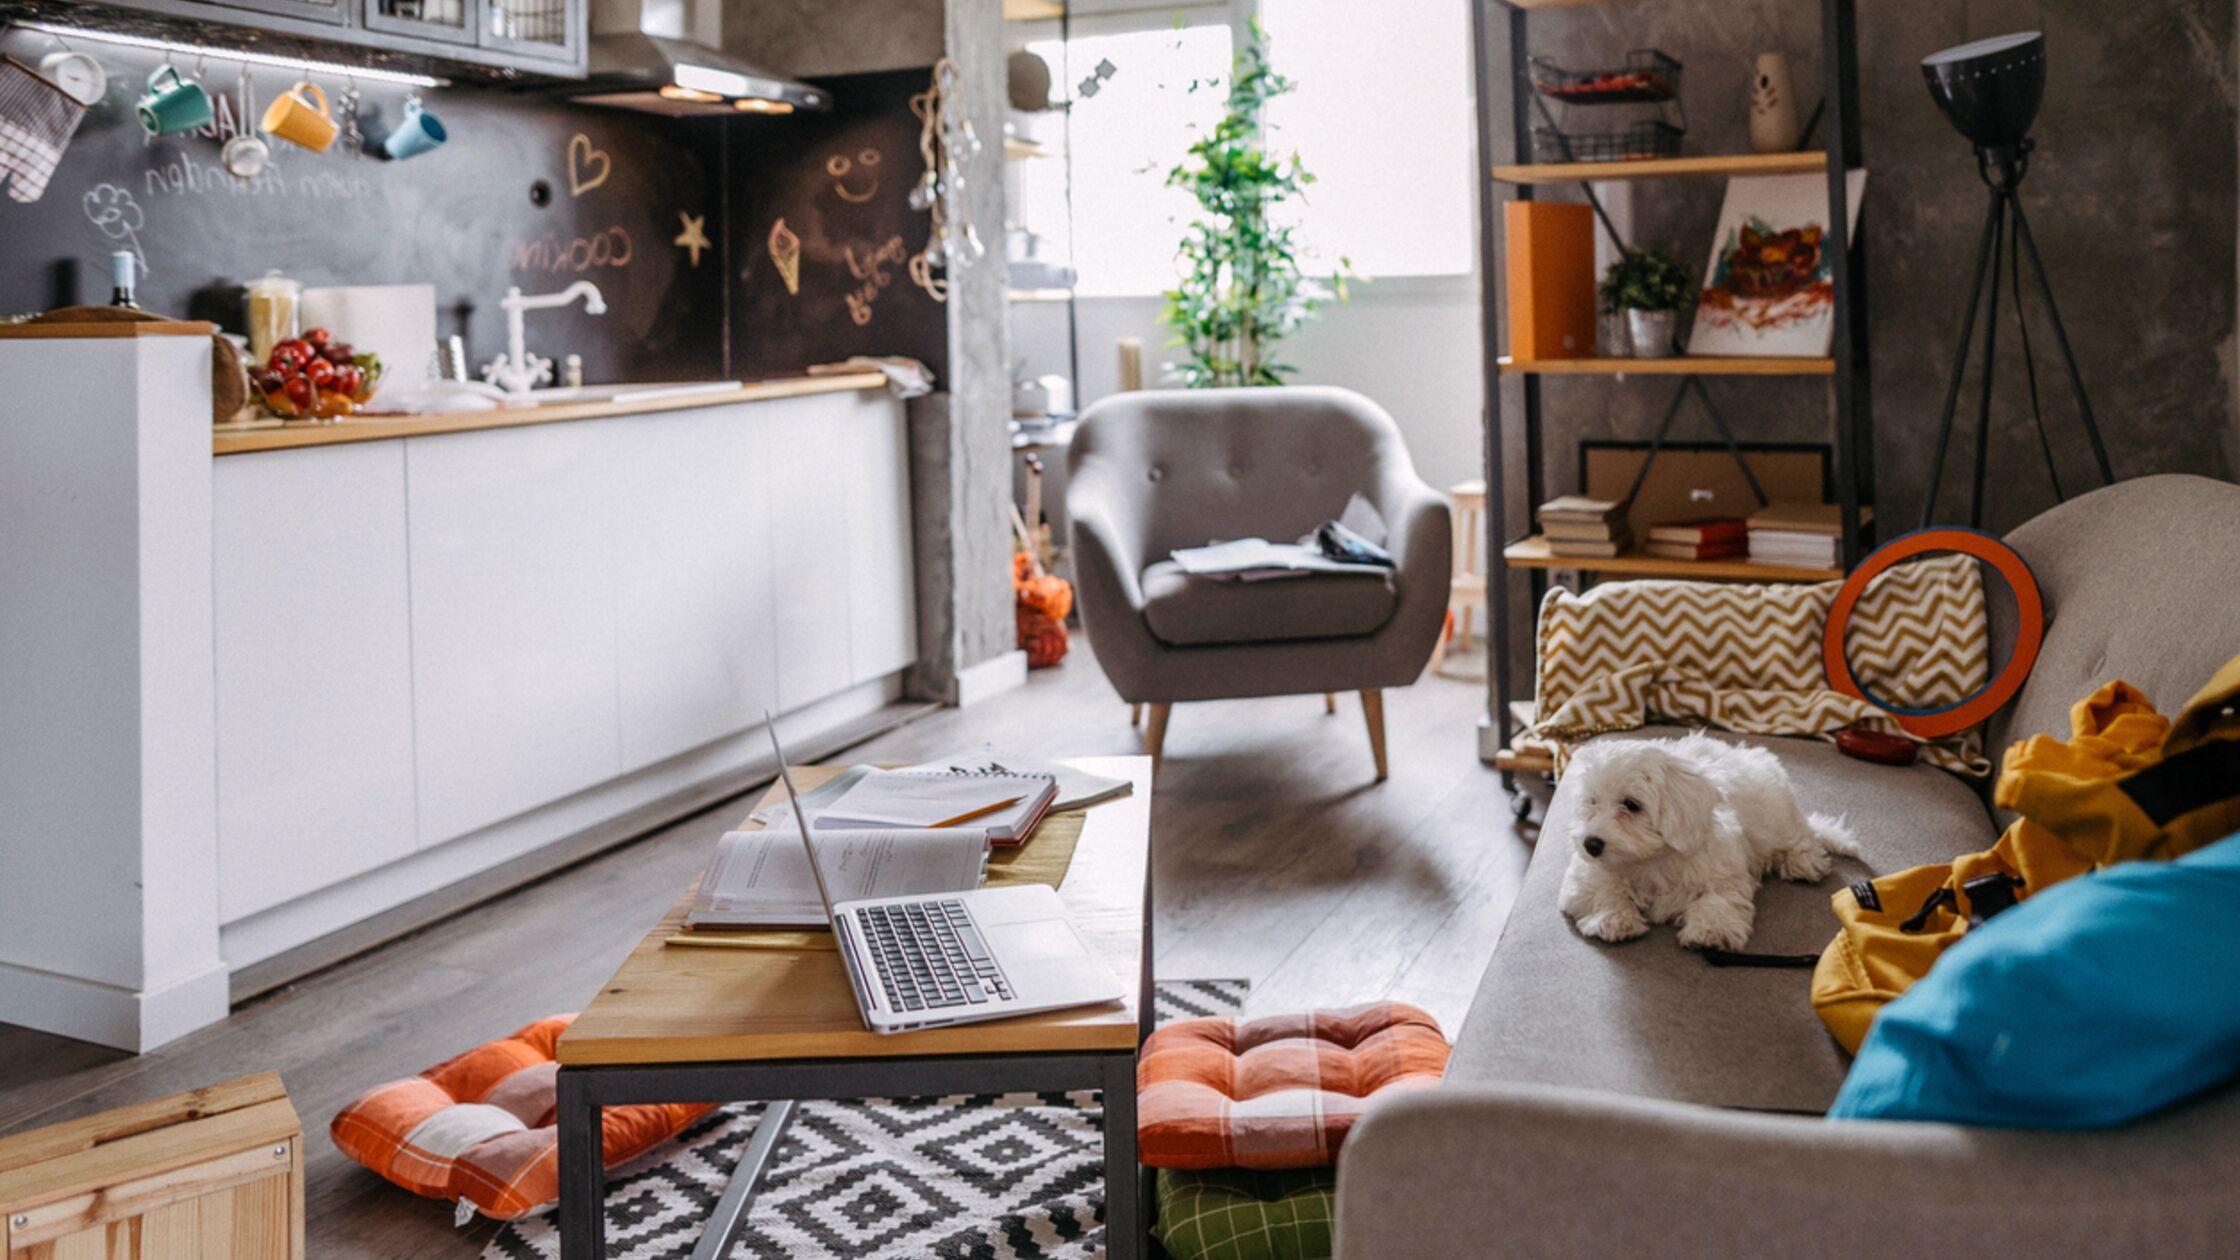 Einzimmerwohnung einrichten: Tipps für eine geschickte Raumaufteilung